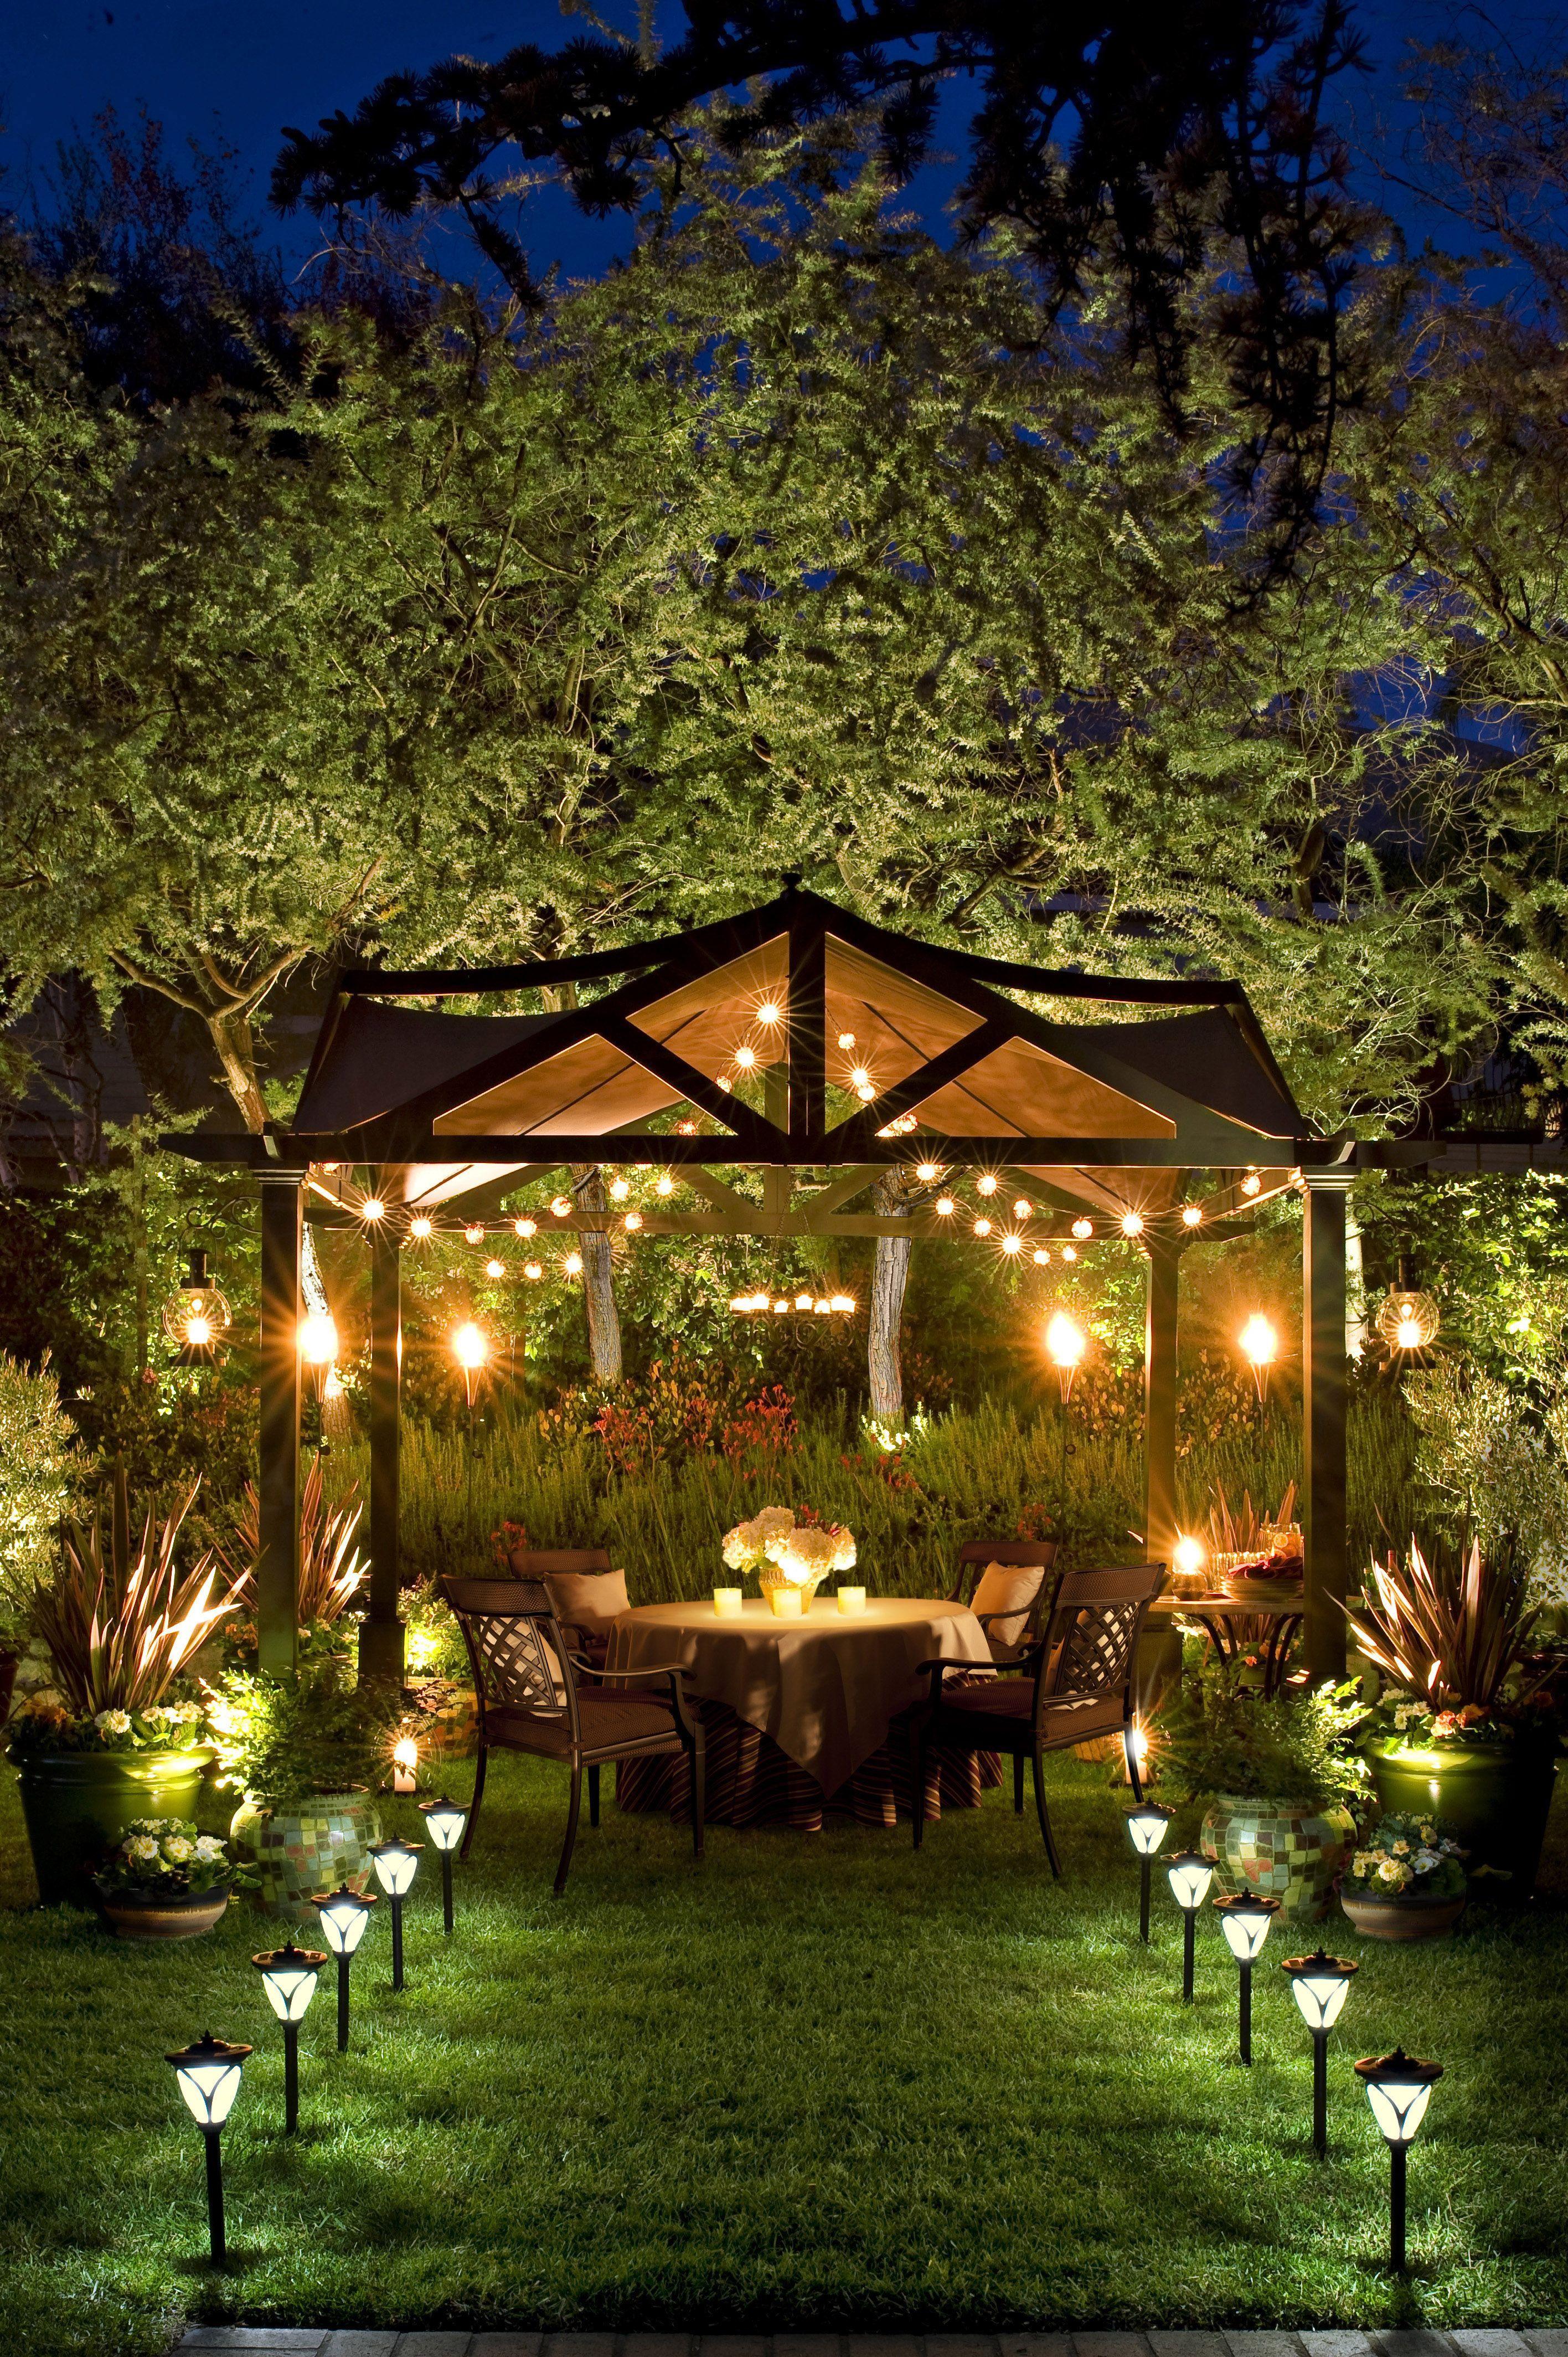 Epingle Par Laura De Rosa Sur Mi Jardin Secreto Eclairage De Jardin Amenagement Jardin Lumieres Jardin